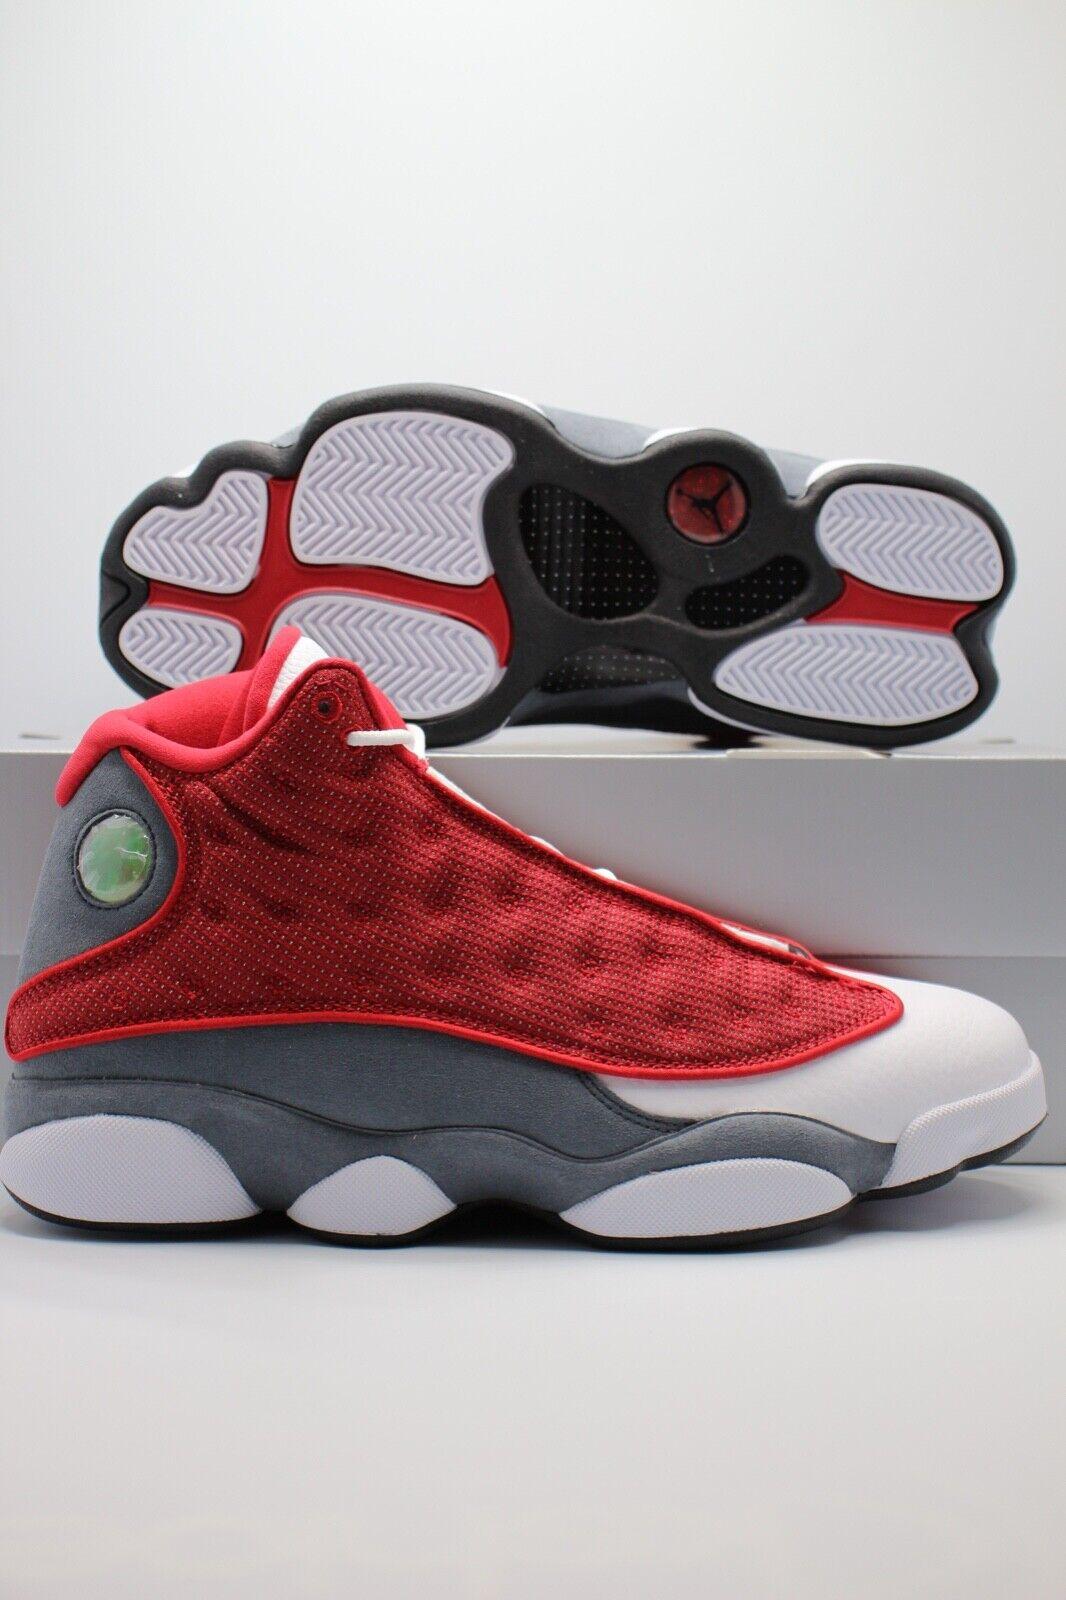 Size 11 - Jordan 13 Retro Low Red Flint 2021